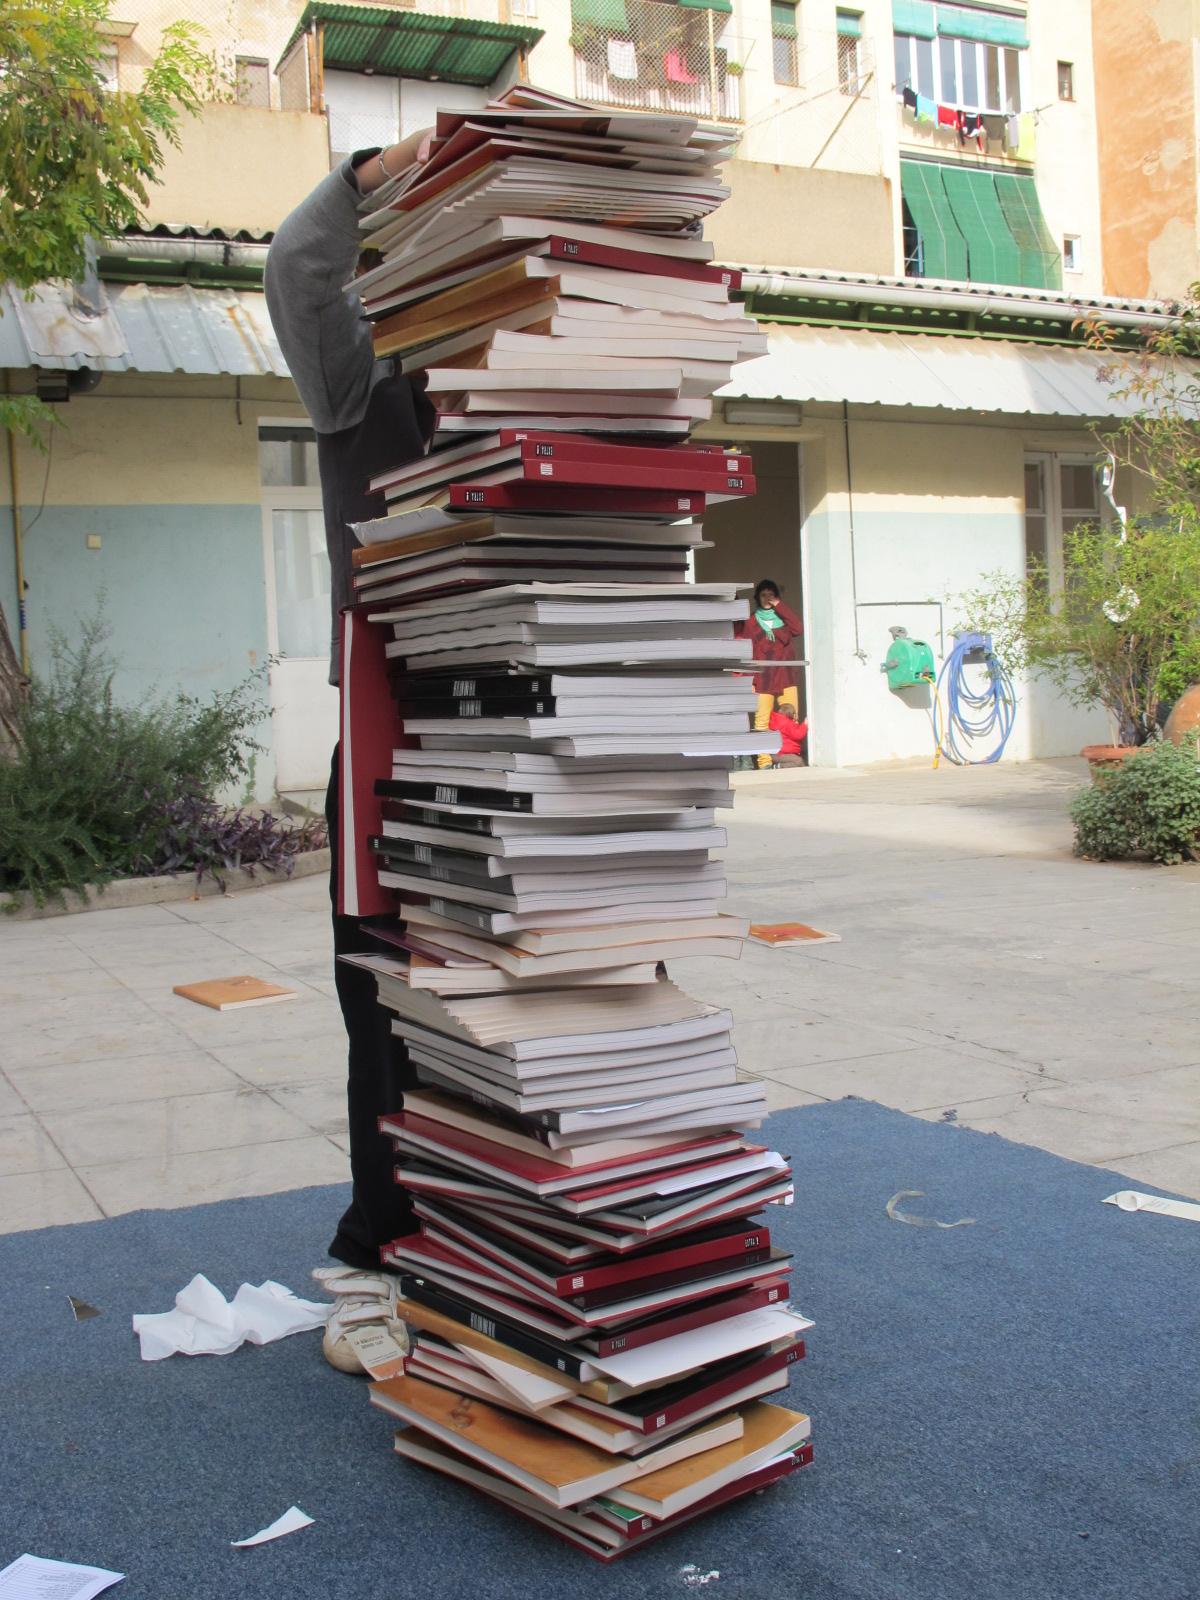 Un caramull de llibres tan alt com jo